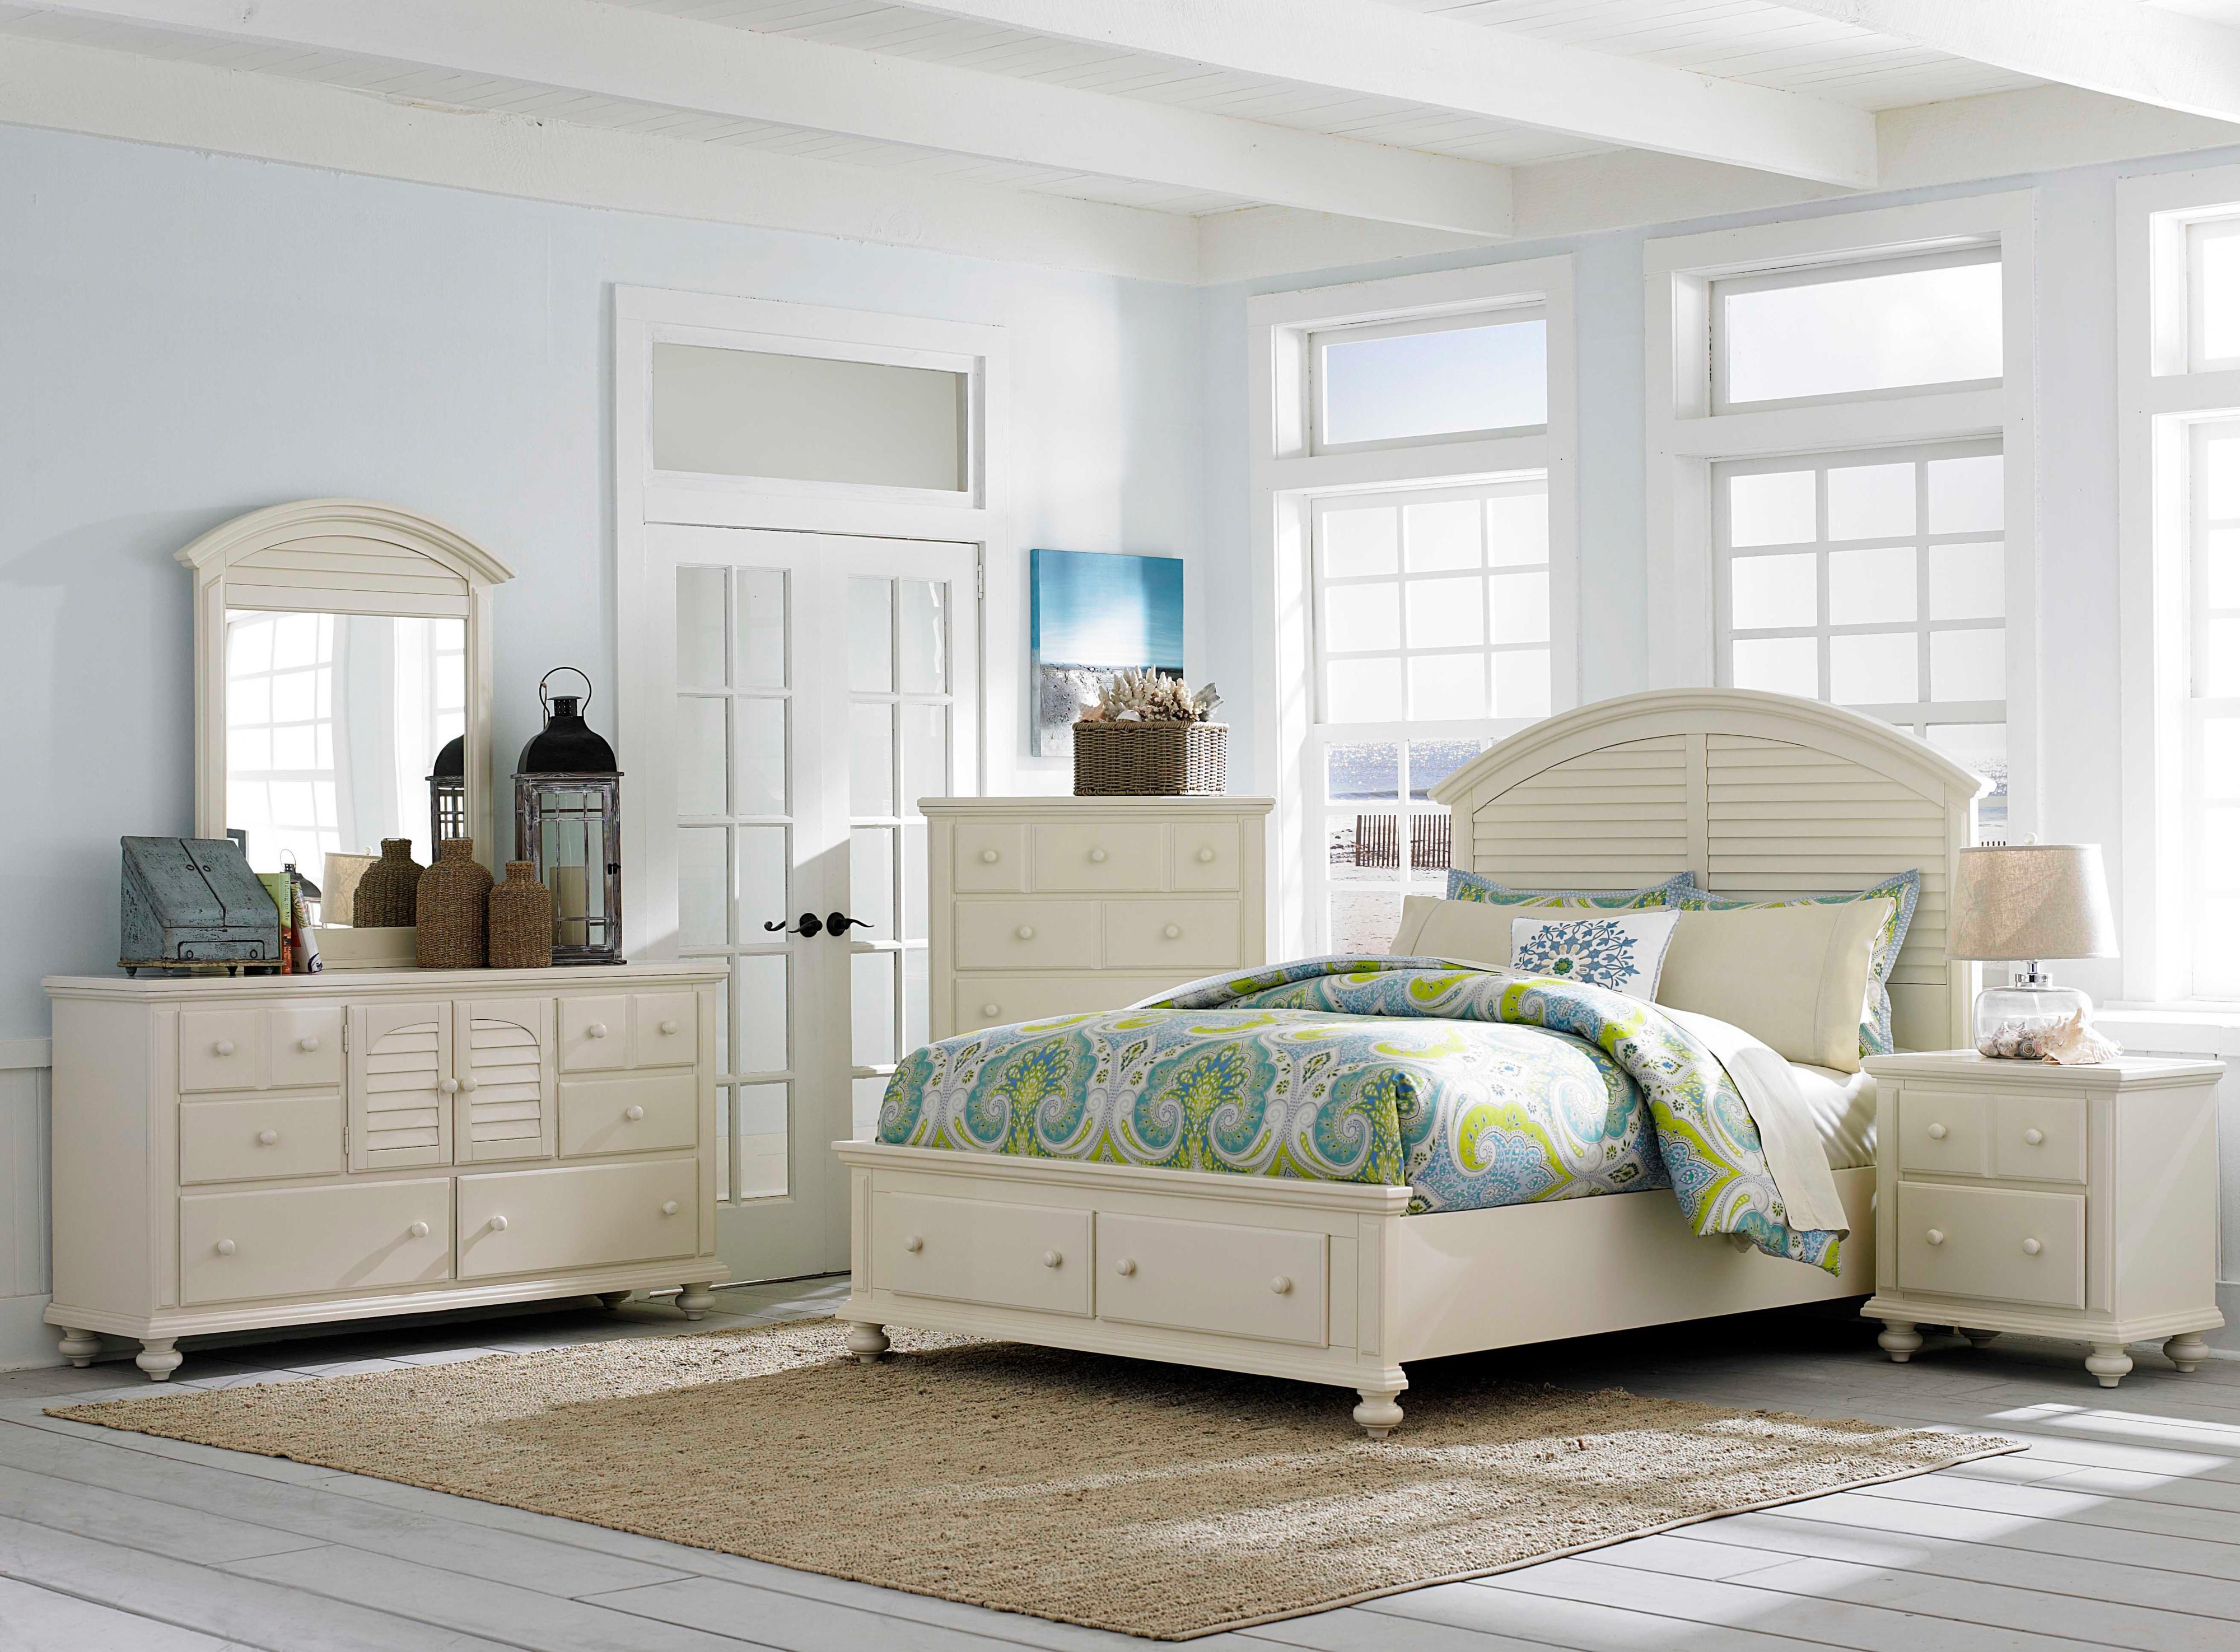 Seabrooke (4471) By Broyhill Furniture   Baeru0027s Furniture   Broyhill  Furniture Seabrooke Dealer